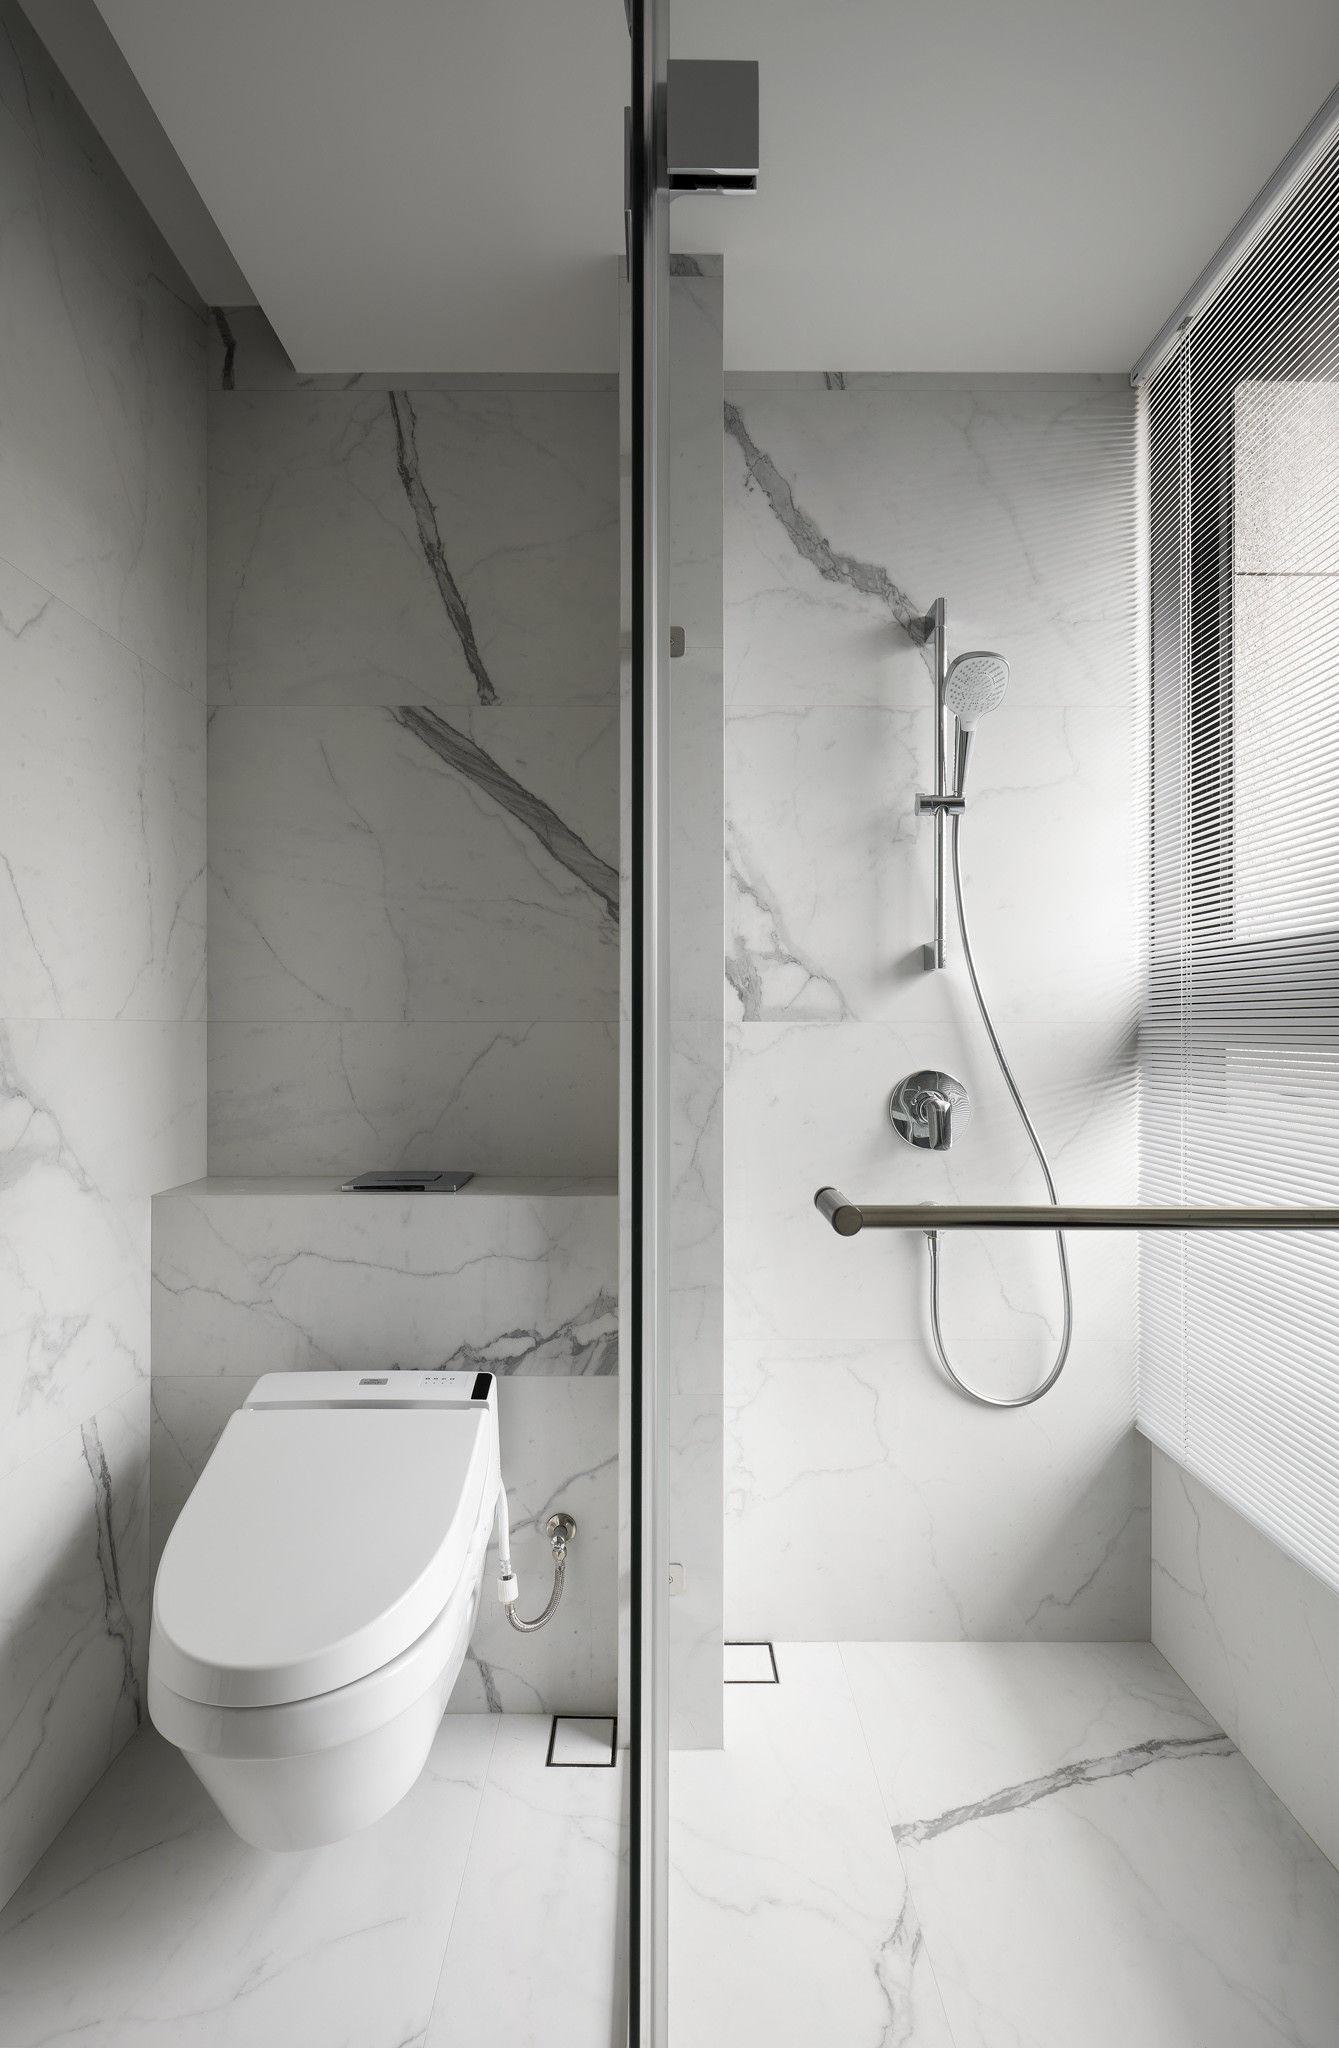 分子室內裝修設計-現代極簡風、台中室內裝修、室內設計、石材紋浴室、純白色